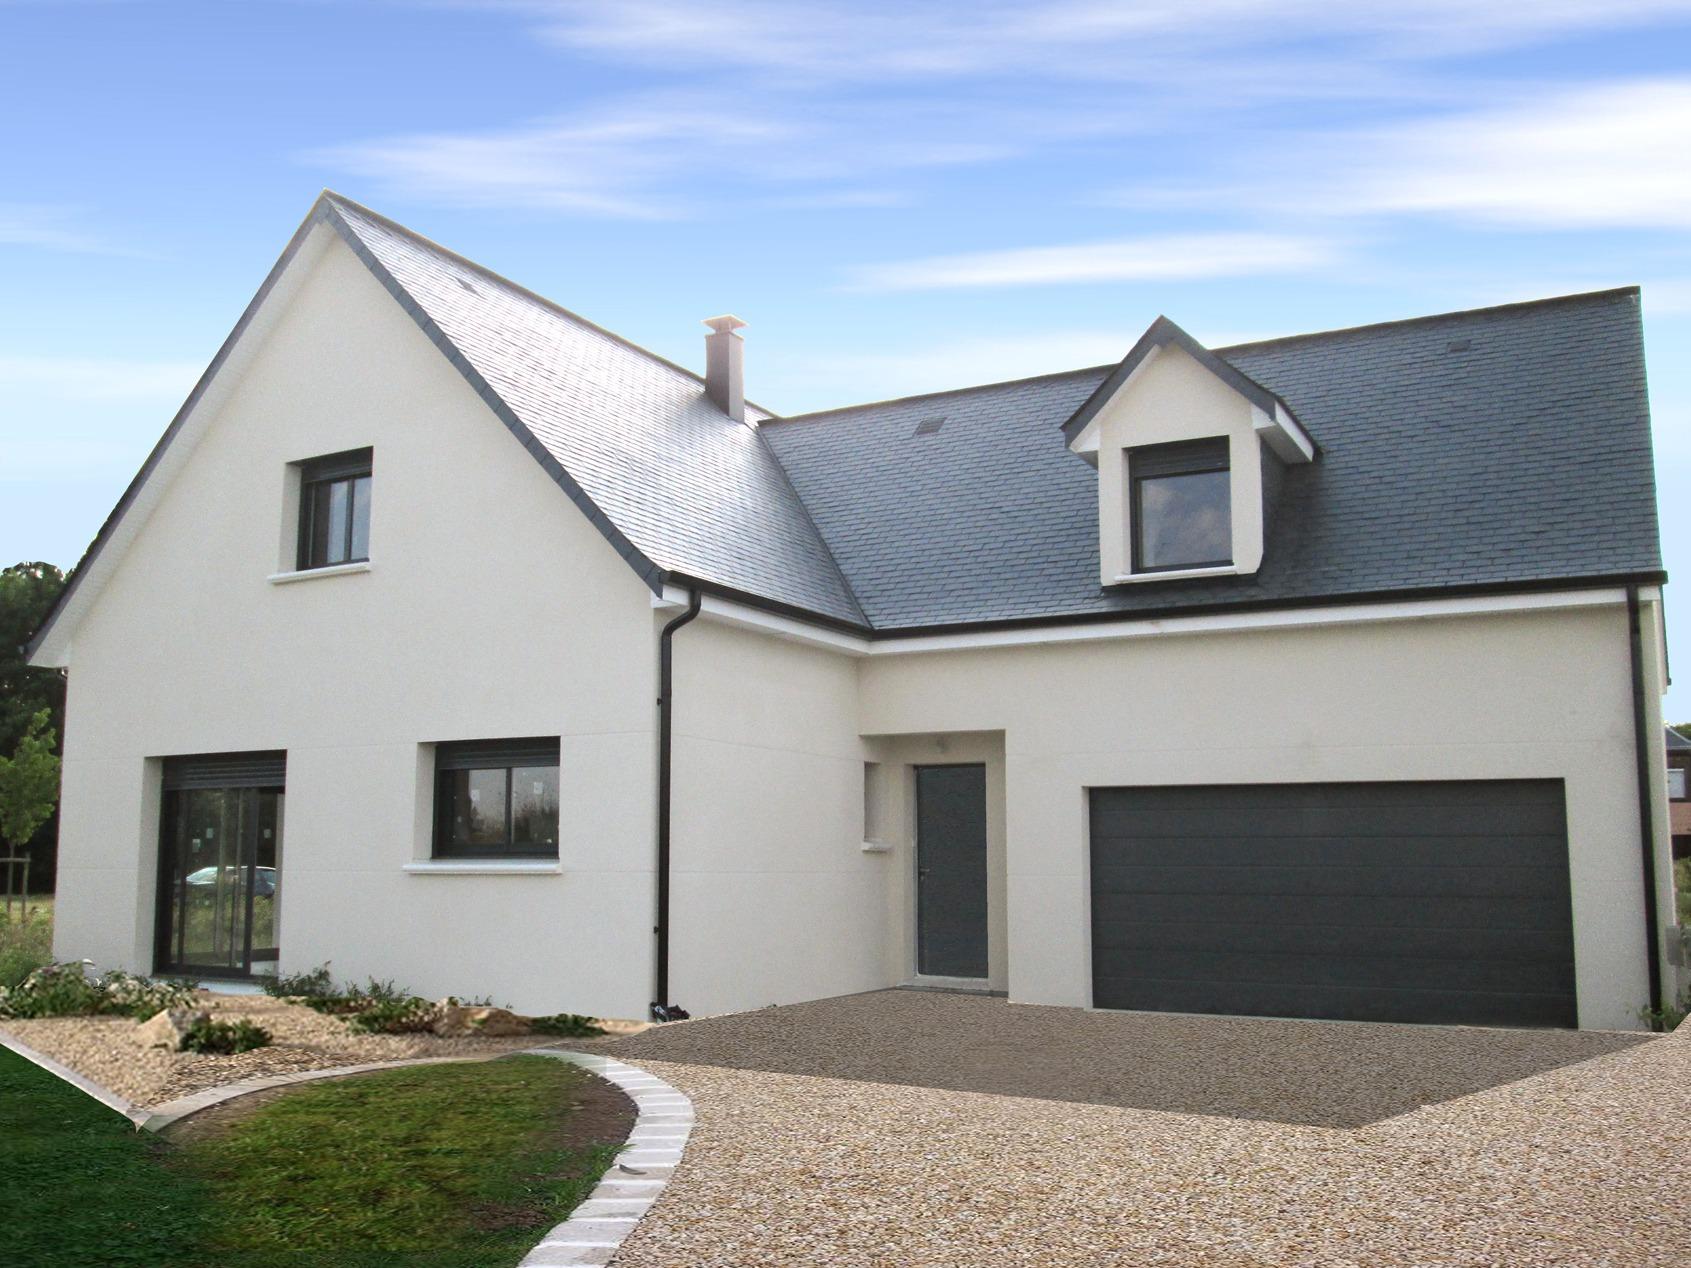 Maisons + Terrains du constructeur Maison Familiale Tours • 125 m² • AVOINE